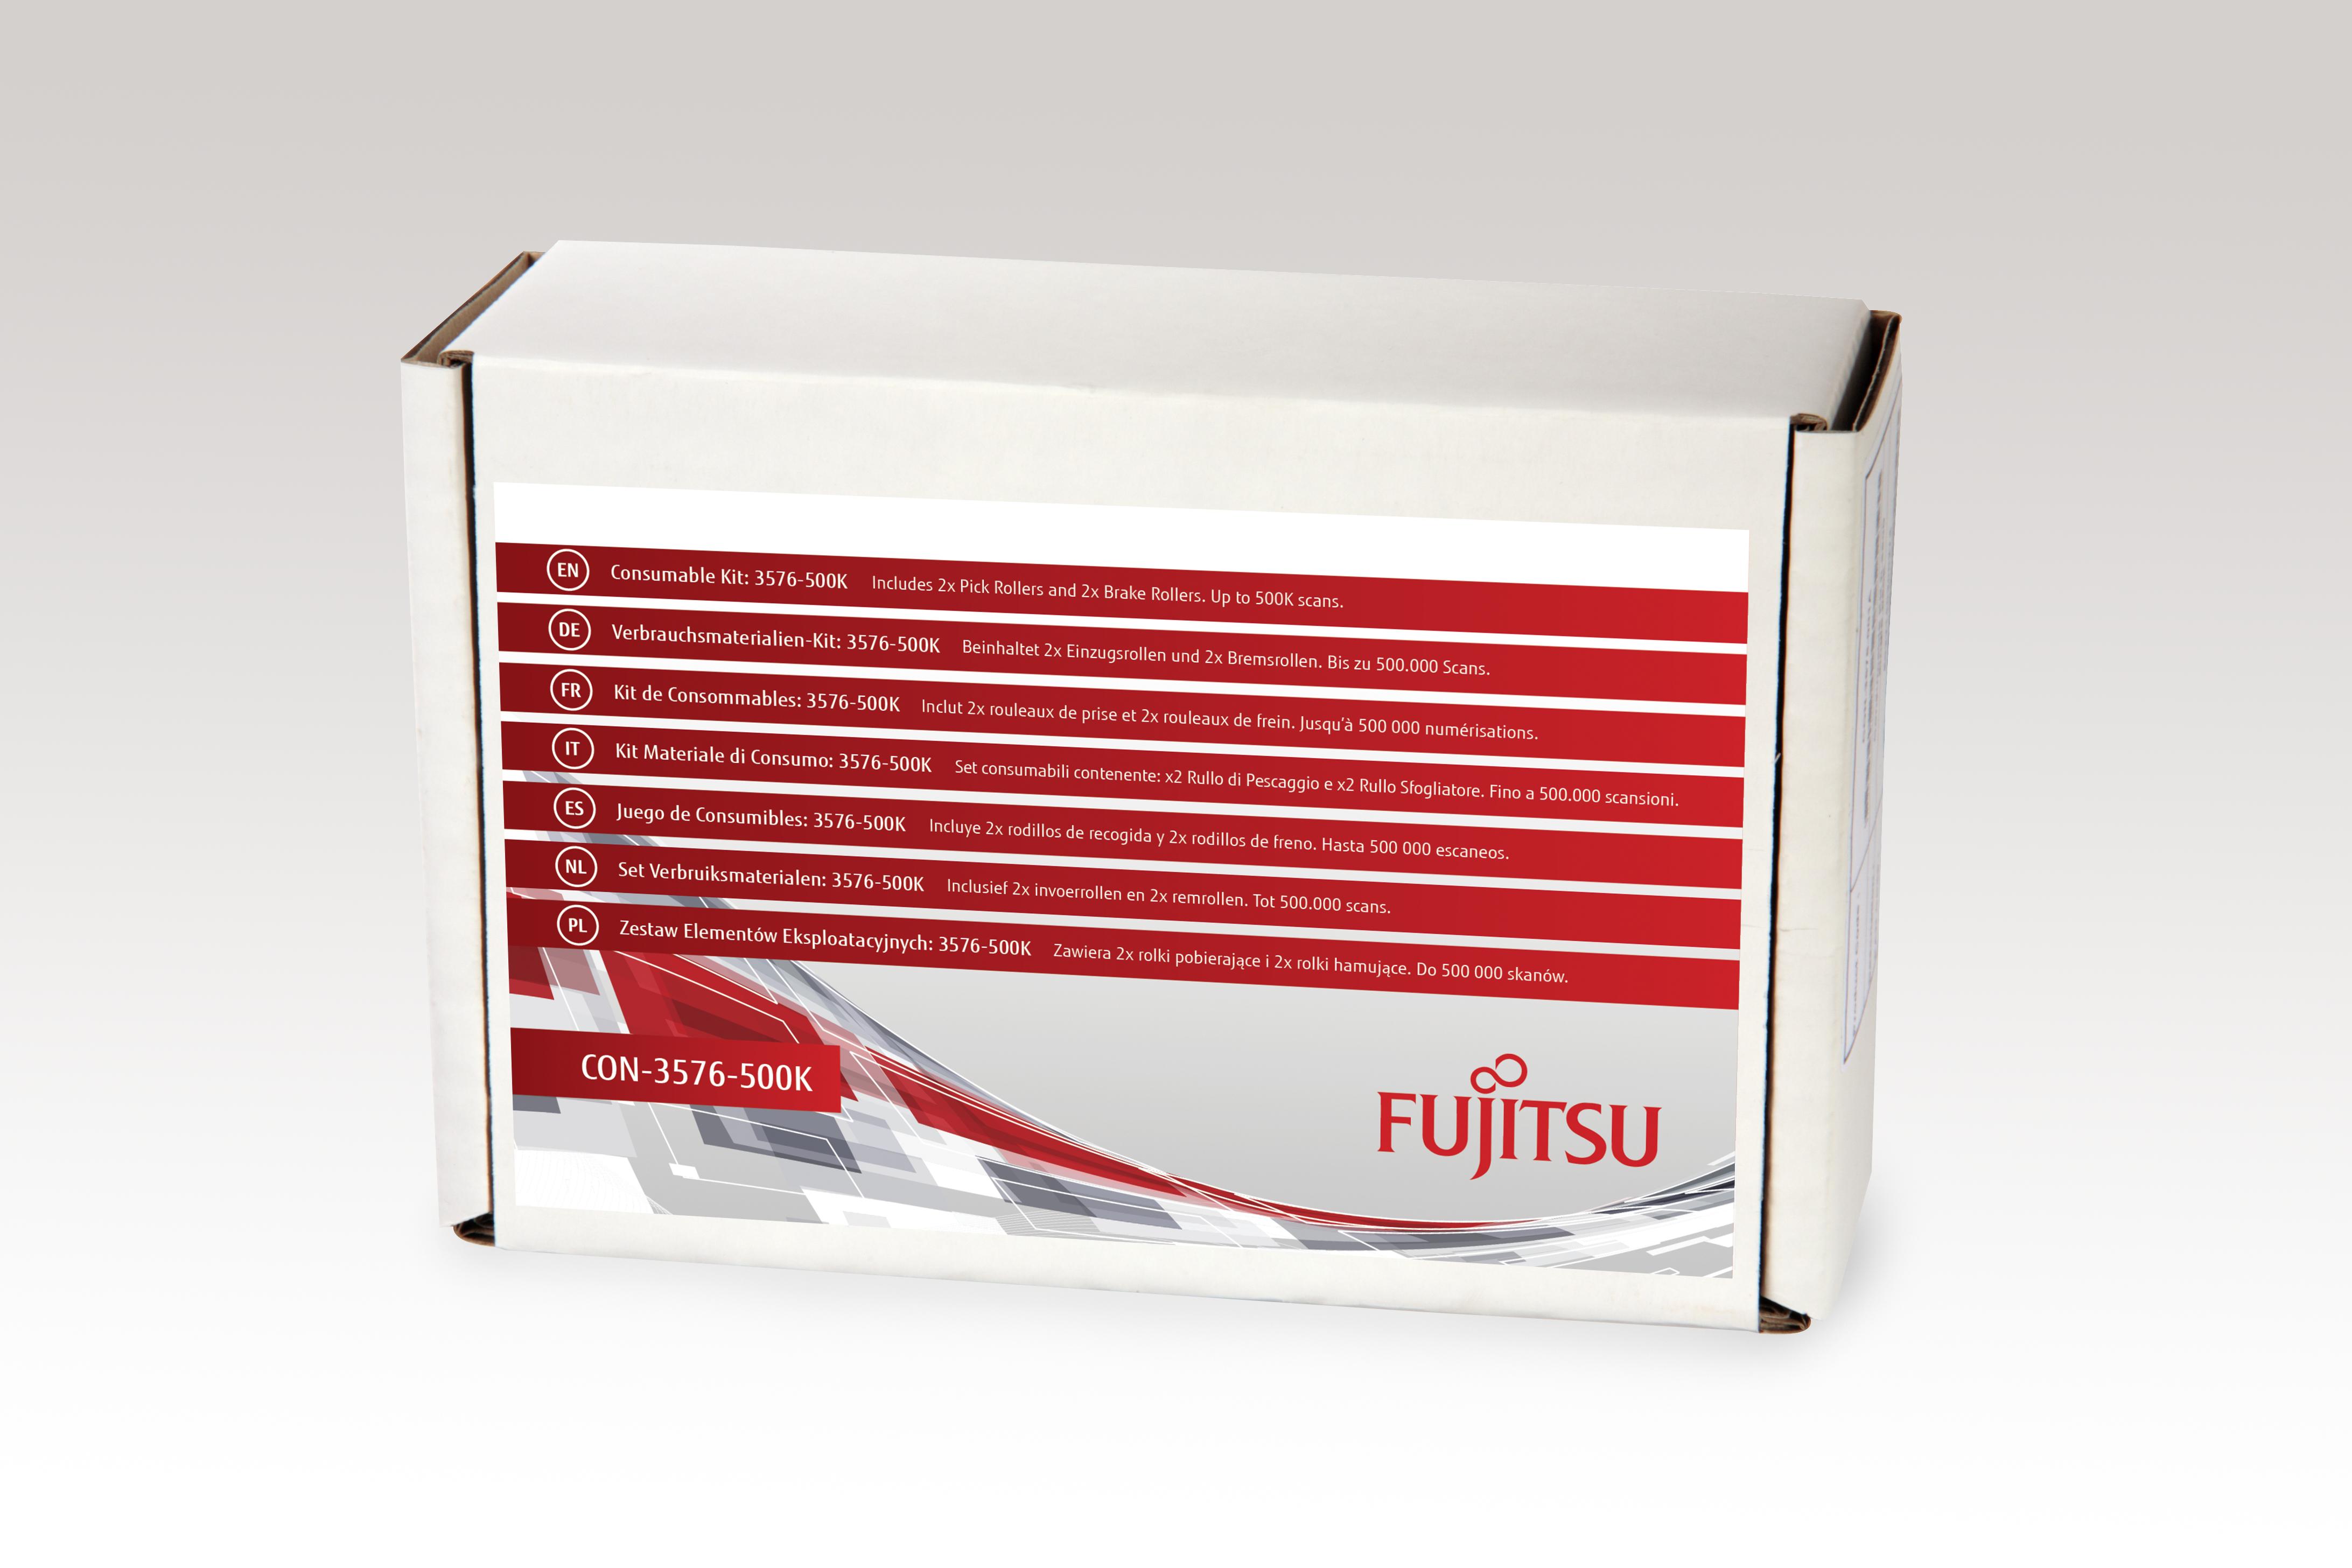 fujitsu CON-3576-500K CON-3576-500K - MW01